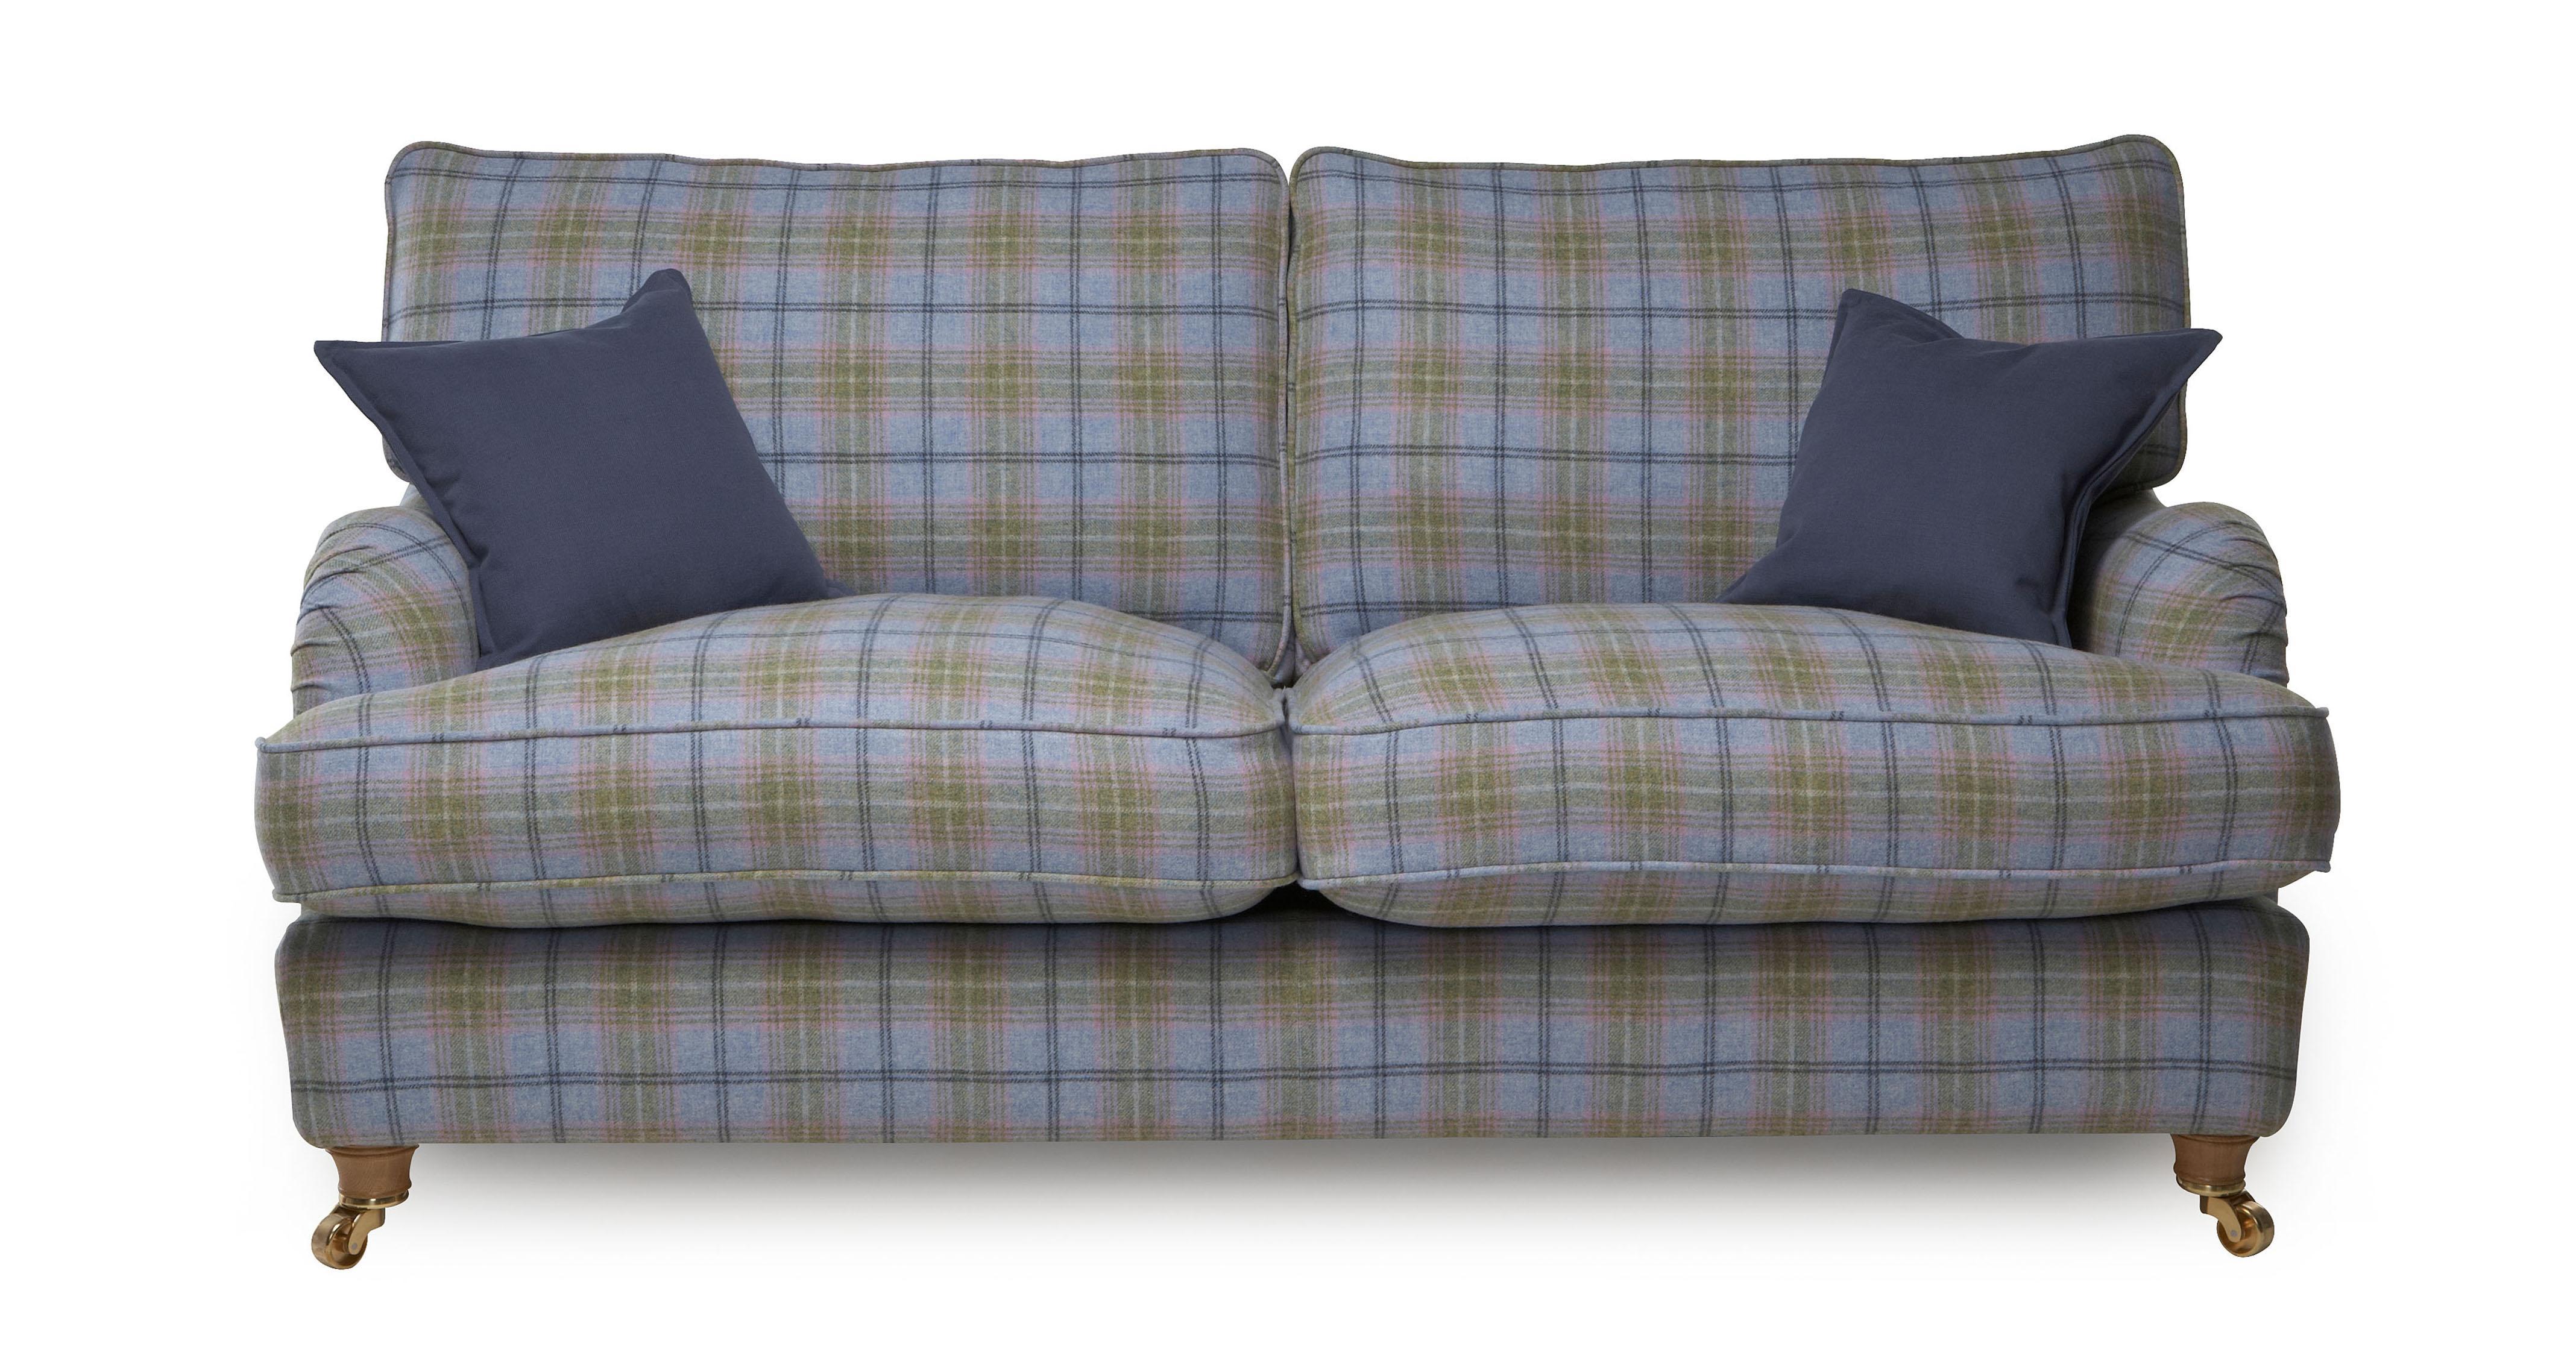 Gower Plaid Large Sofa Gower Plaid Dfs